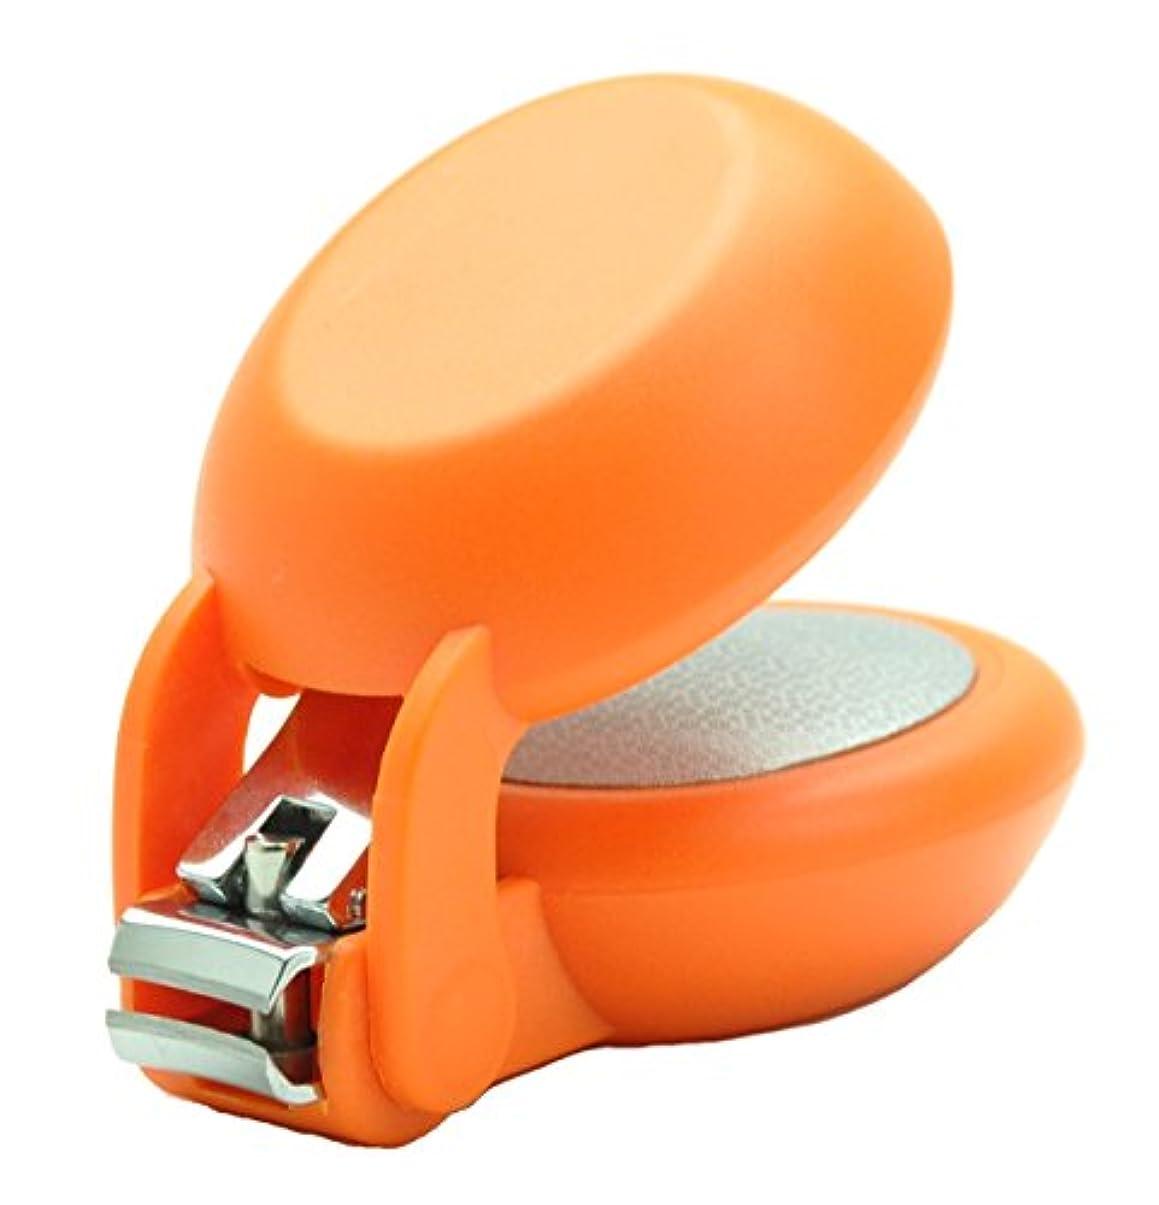 まろやかなハイキング魔法爪切り nail clipper (ネイルクリッパー) Nail+ (ネイルプラス) Orange (オレンジ)